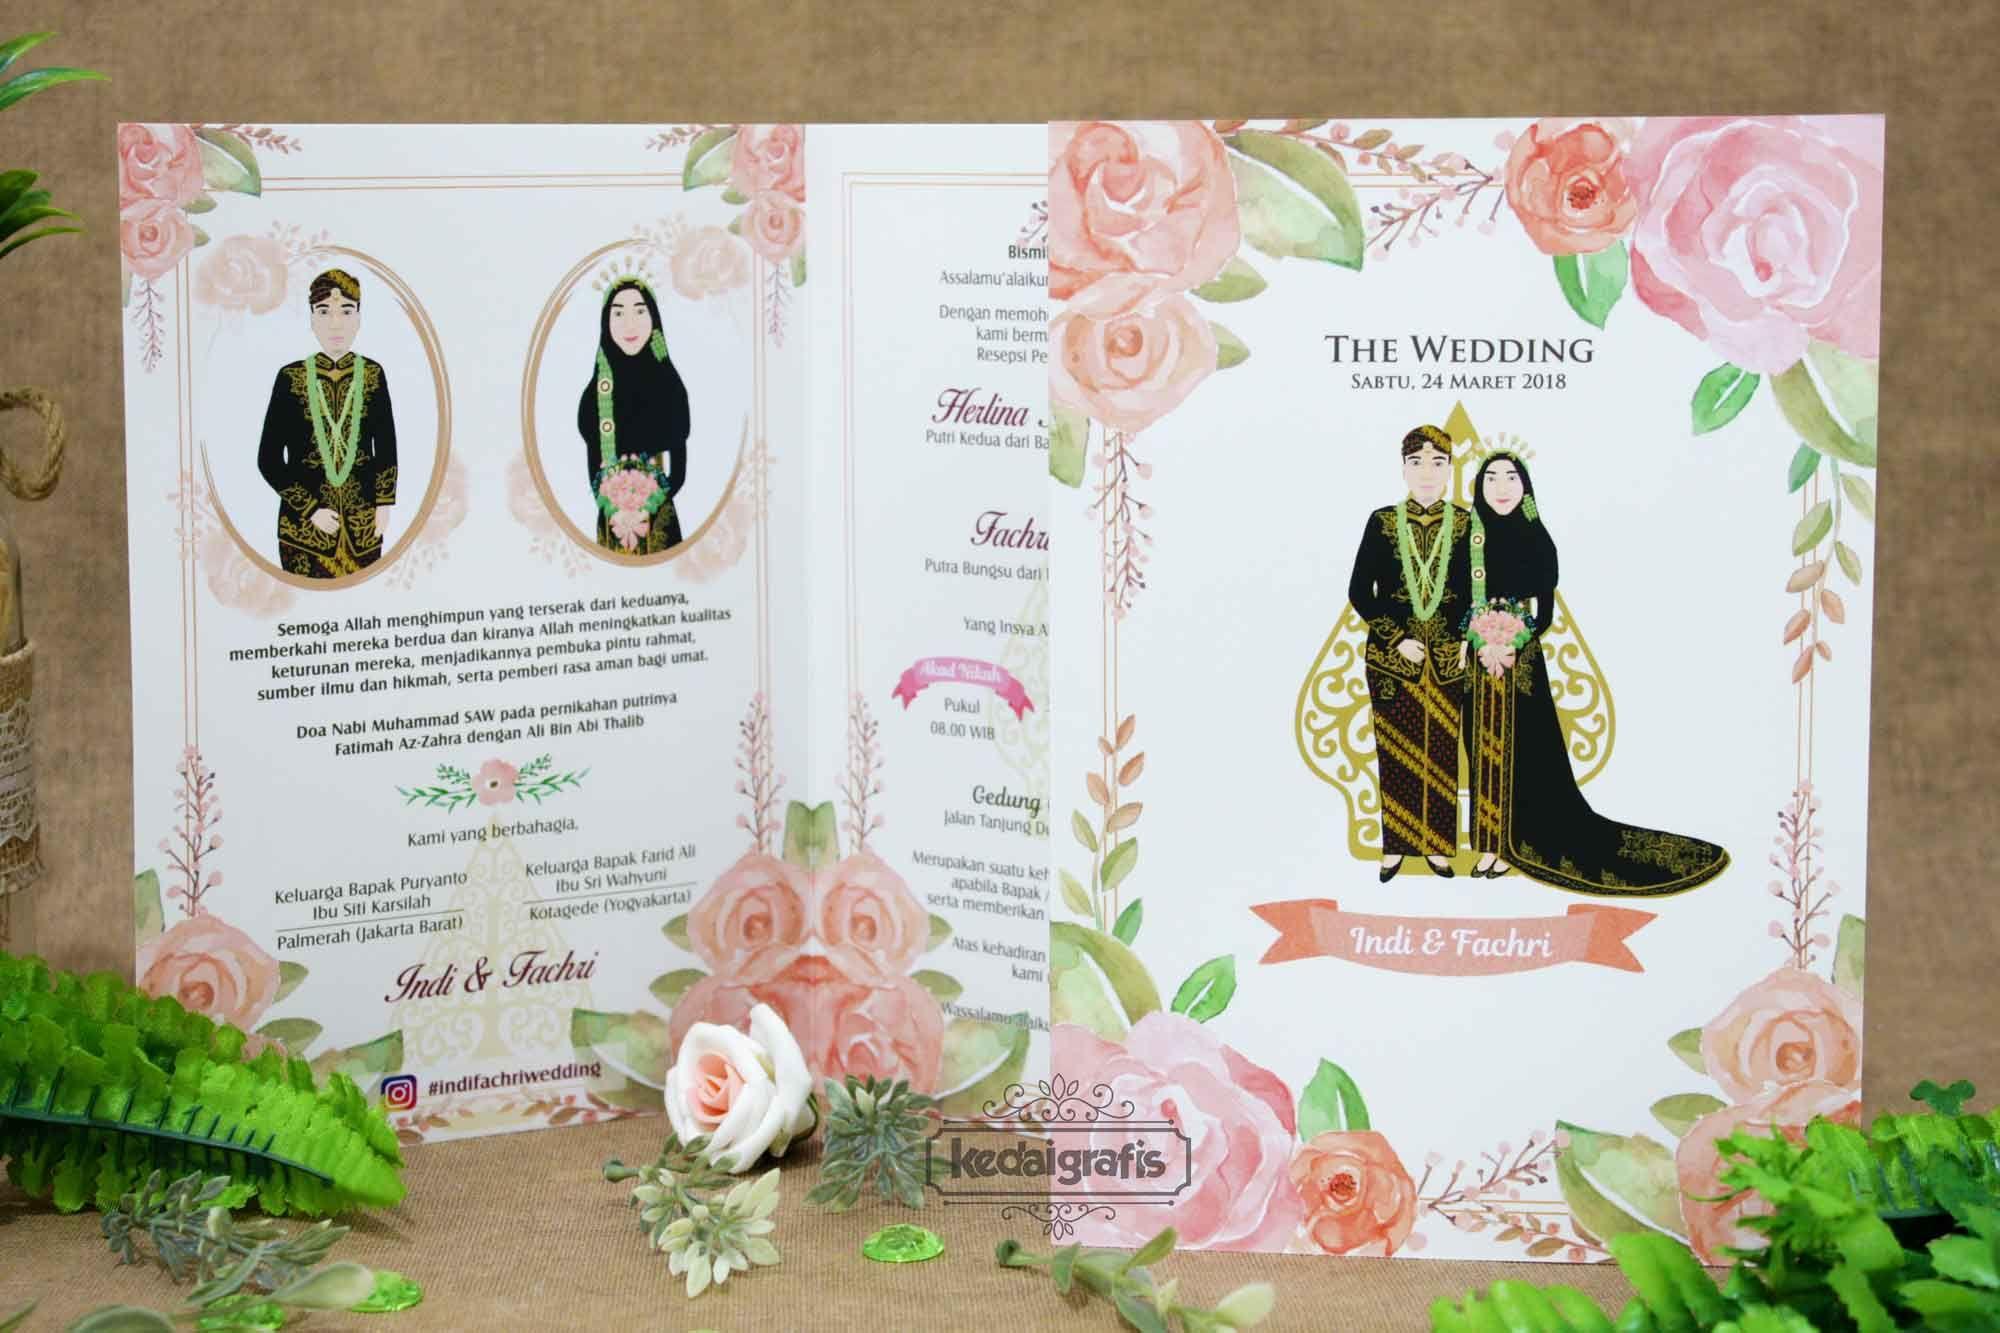 Pin Oleh Komang Windu Di Undangan Pernikahan Di 2021 Doa Pernikahan Kartu Undangan Pernikahan Kartu Pernikahan